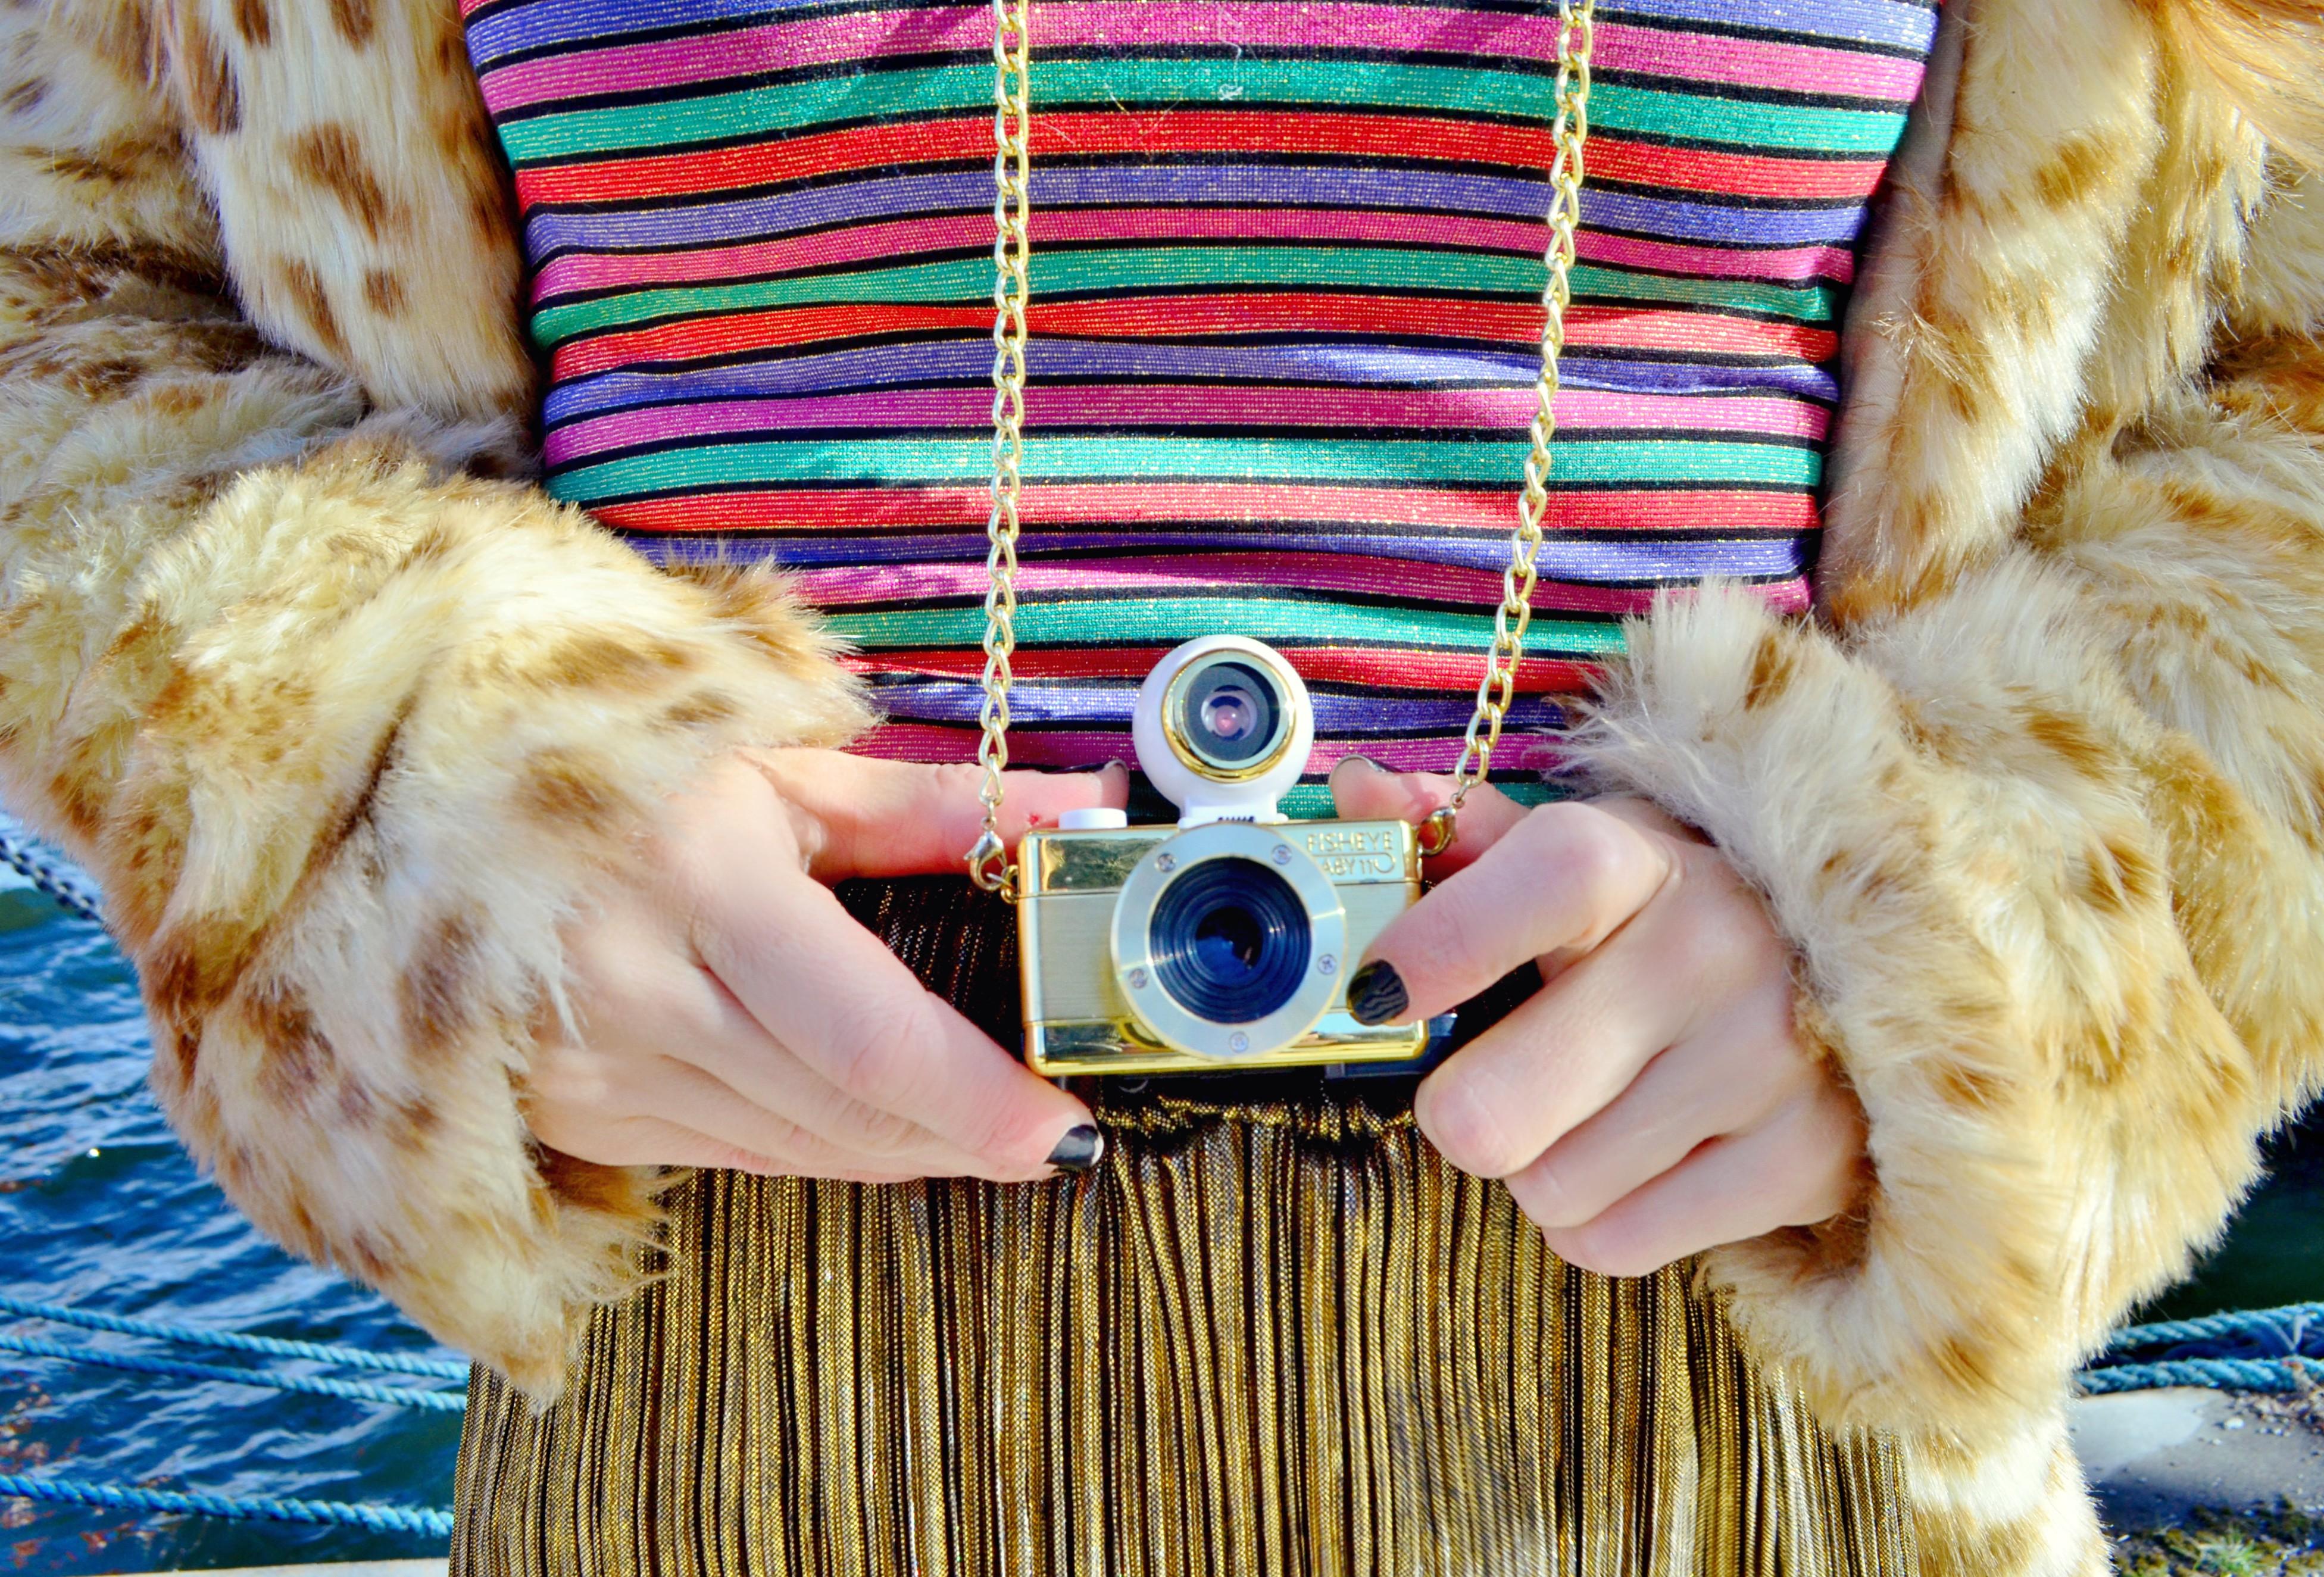 Camaras-fashion-blog-de-moda-ChicAdicta-influencer-Chic-Adicta-abrigo-de-leopardo-falda-dorada-PiensaenChic-Piensa-en-Chic